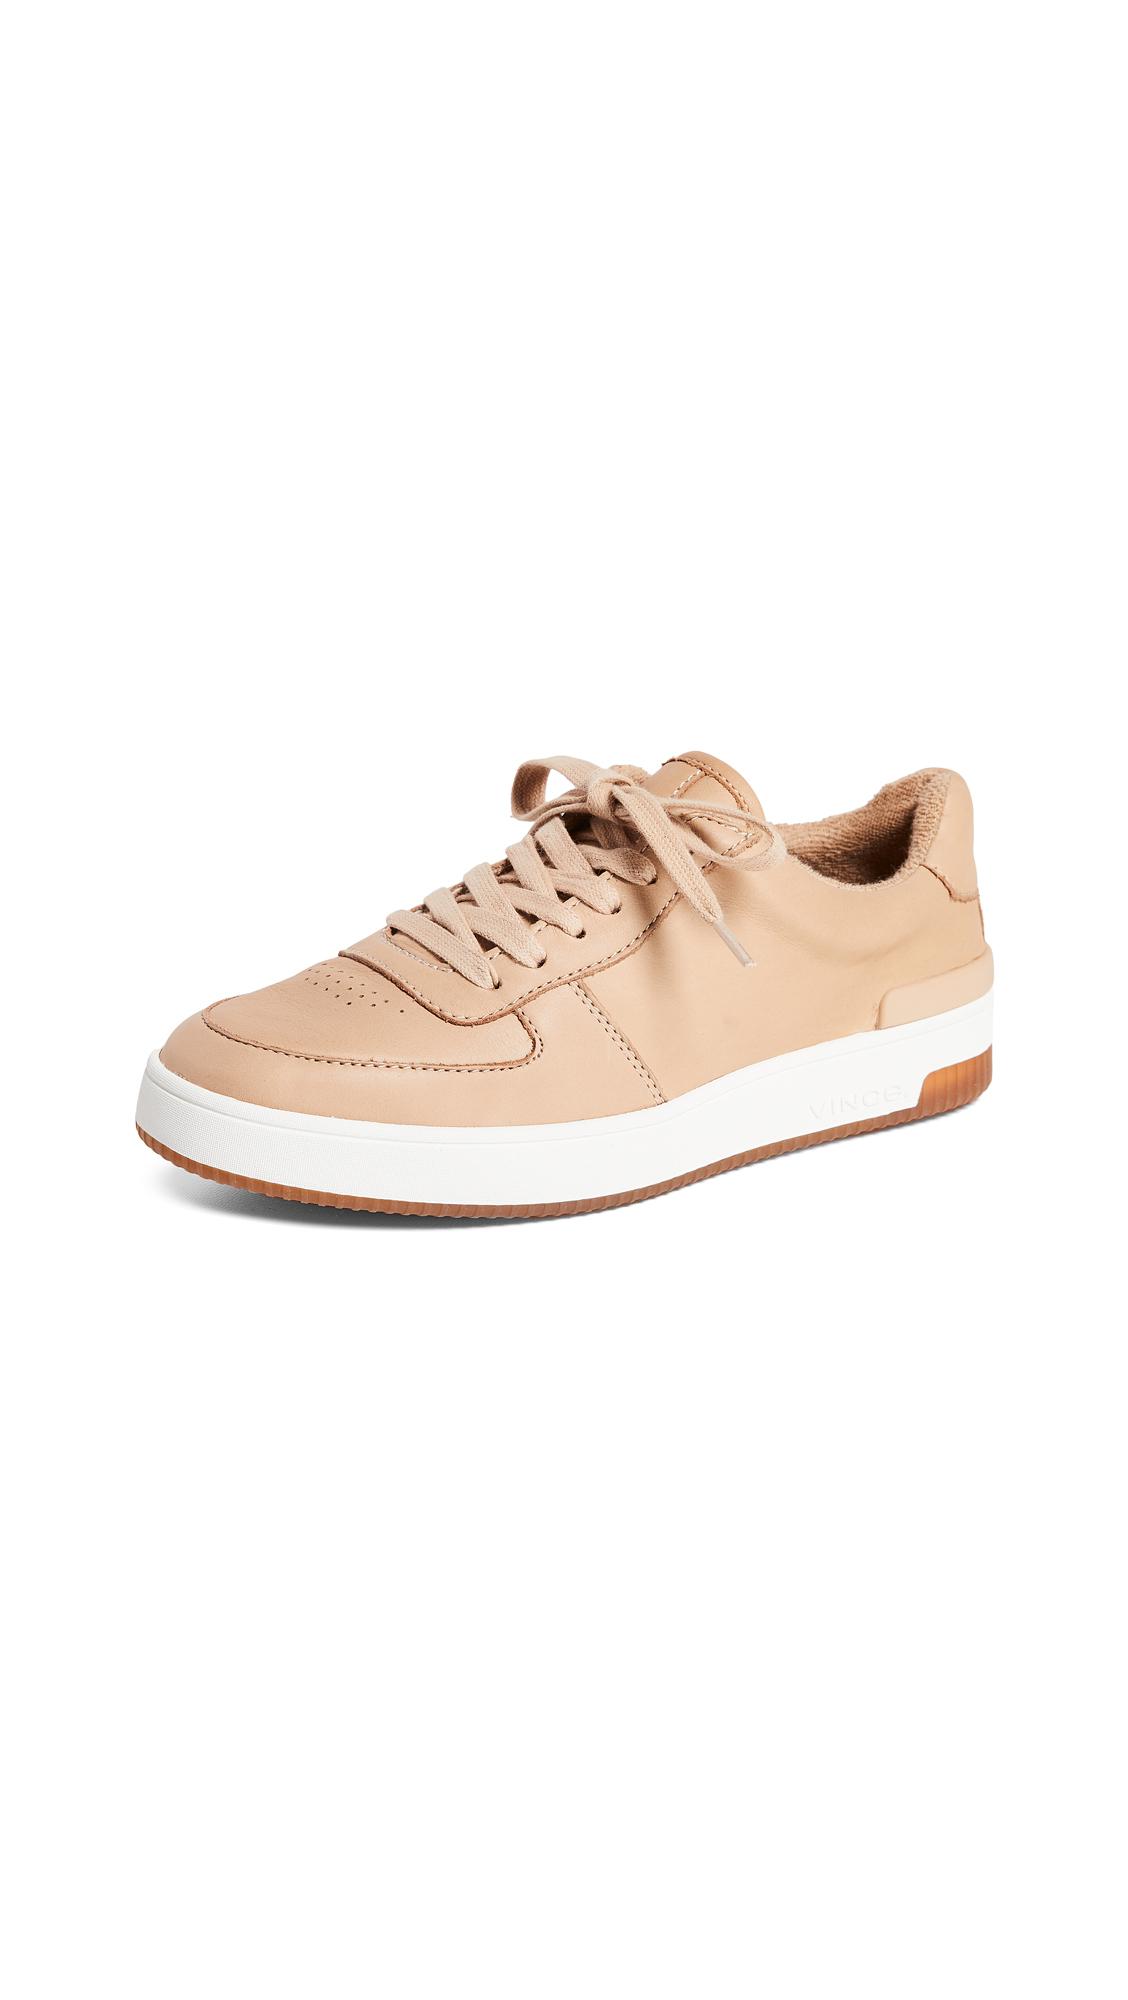 Vince Rendel Sneakers - Sand